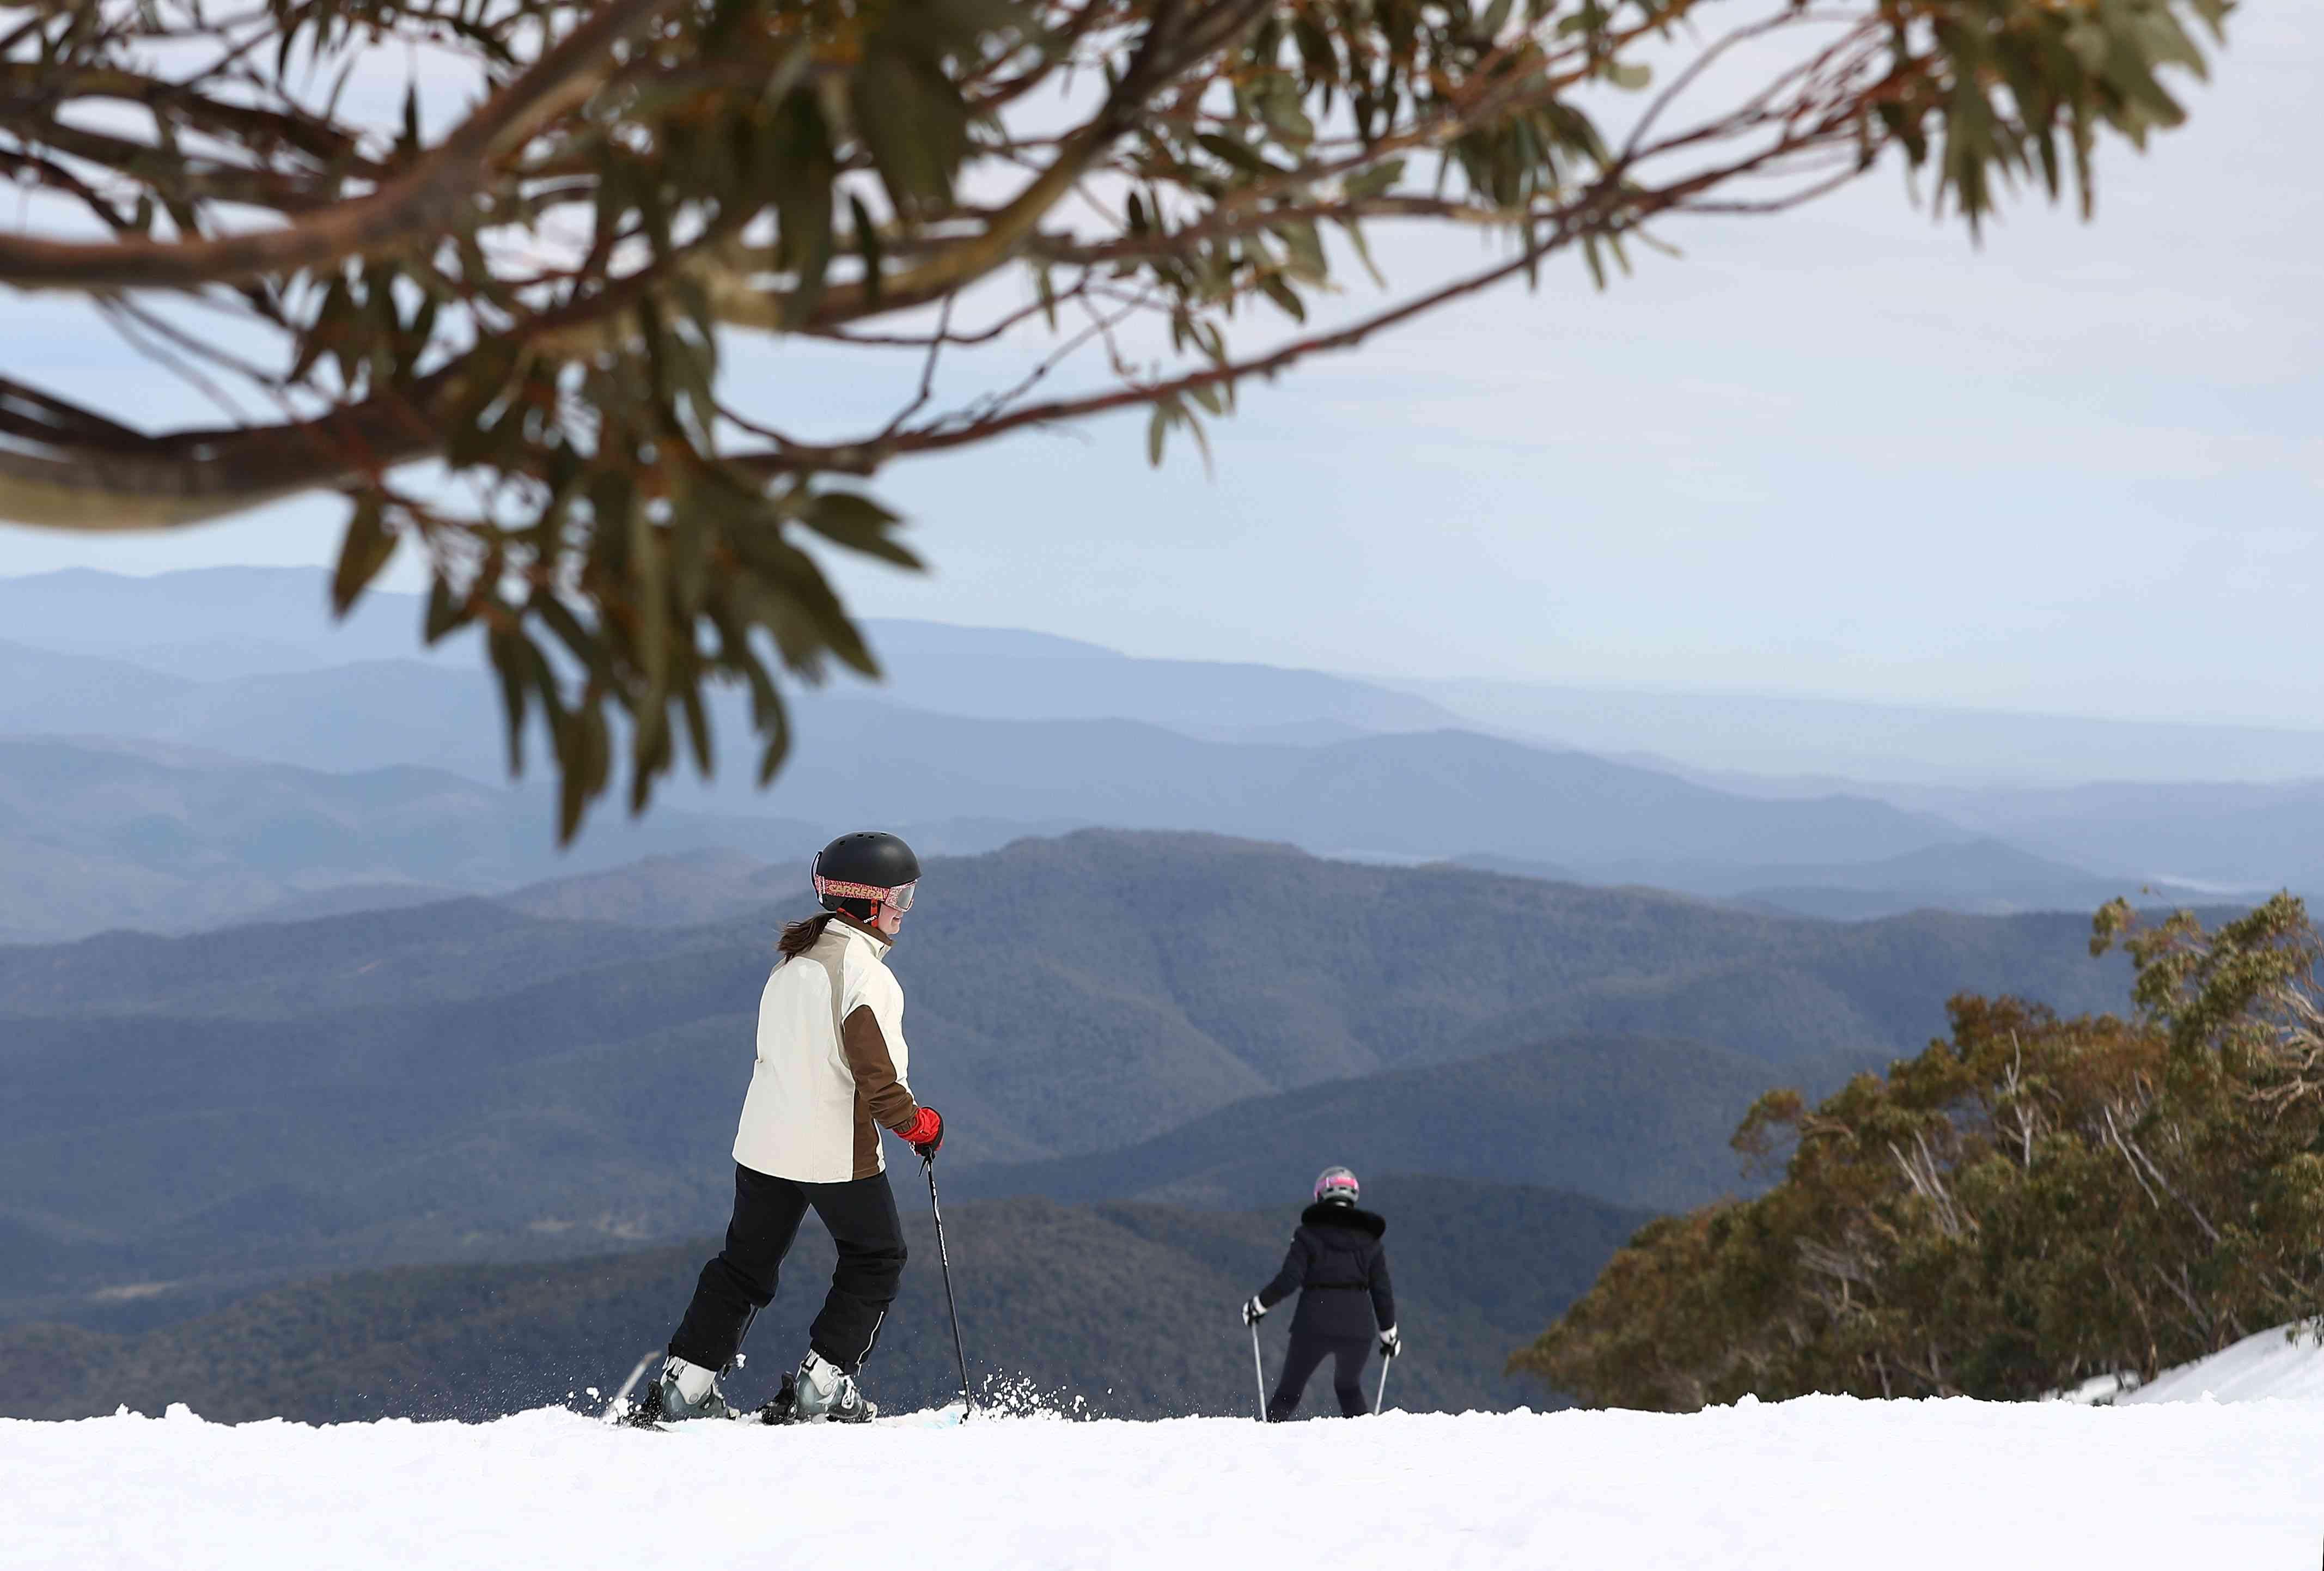 Los australianos disfrutan del esquí de primavera después de la temporada de parachoques